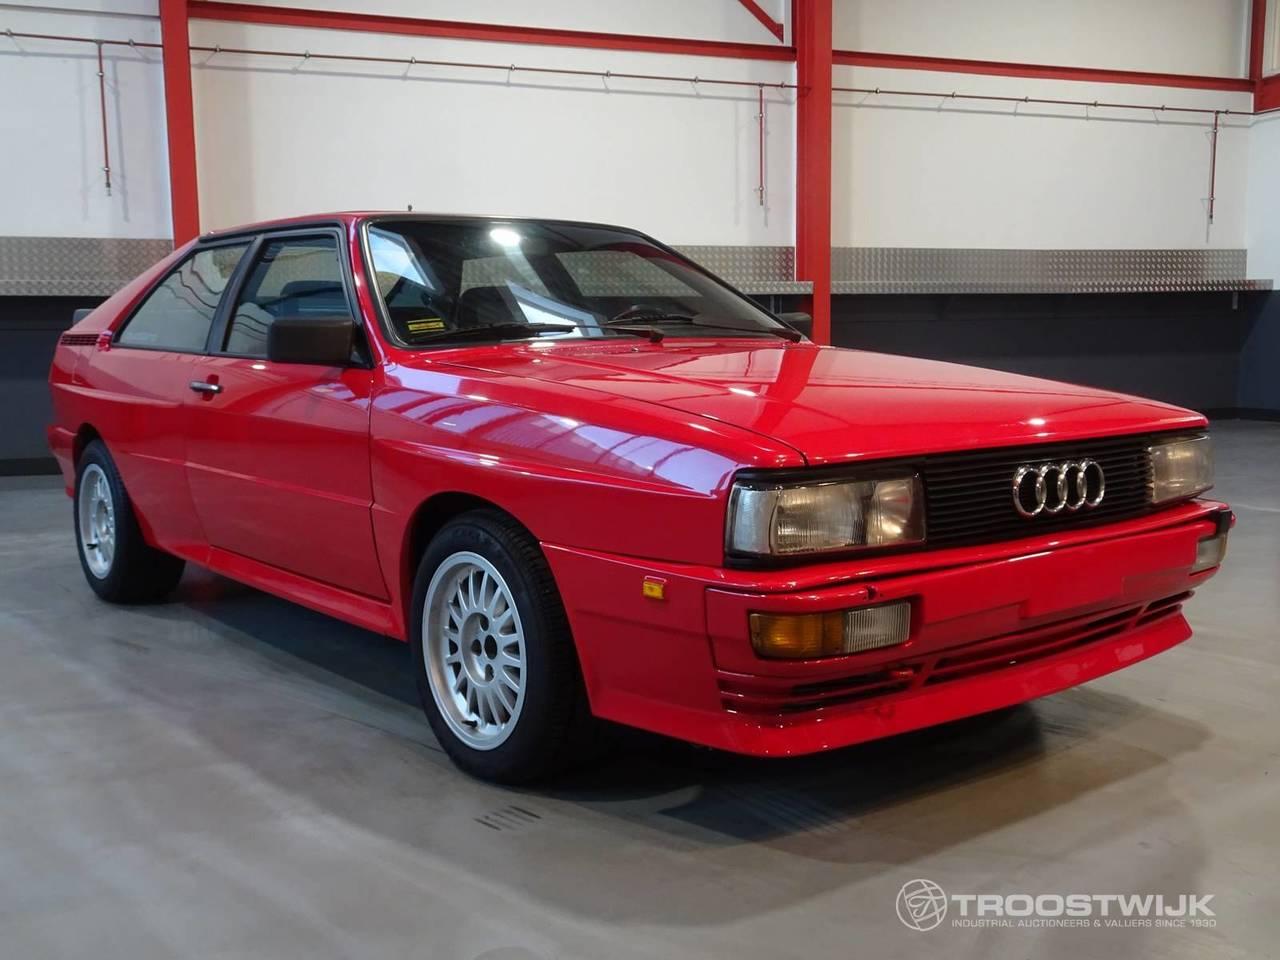 Kelebihan Kekurangan Audi Quattro Turbo Perbandingan Harga